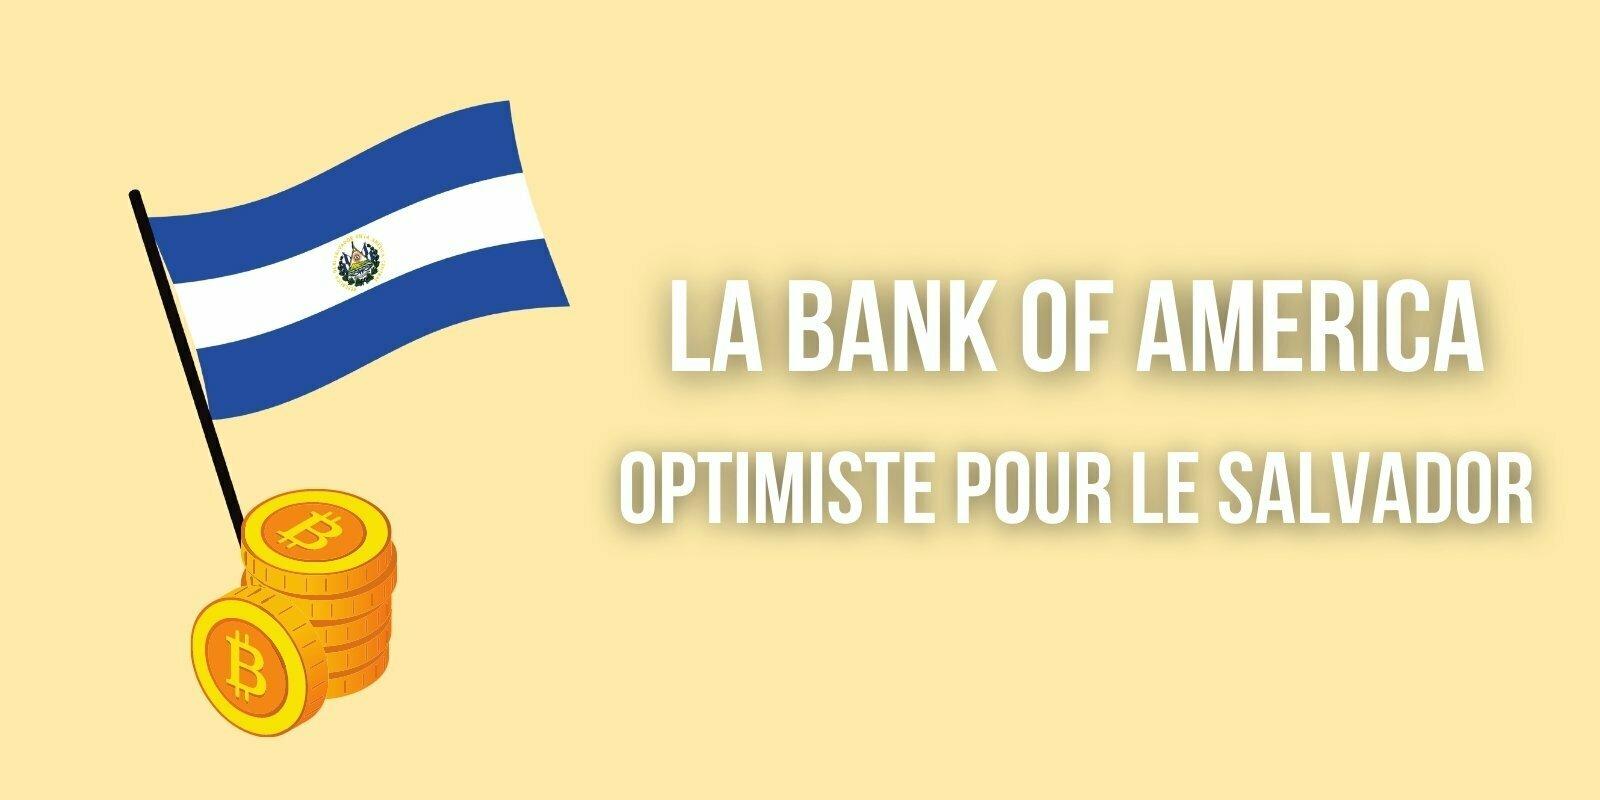 La Bank Of America optimiste quant à l'adoption du Bitcoin au Salvador